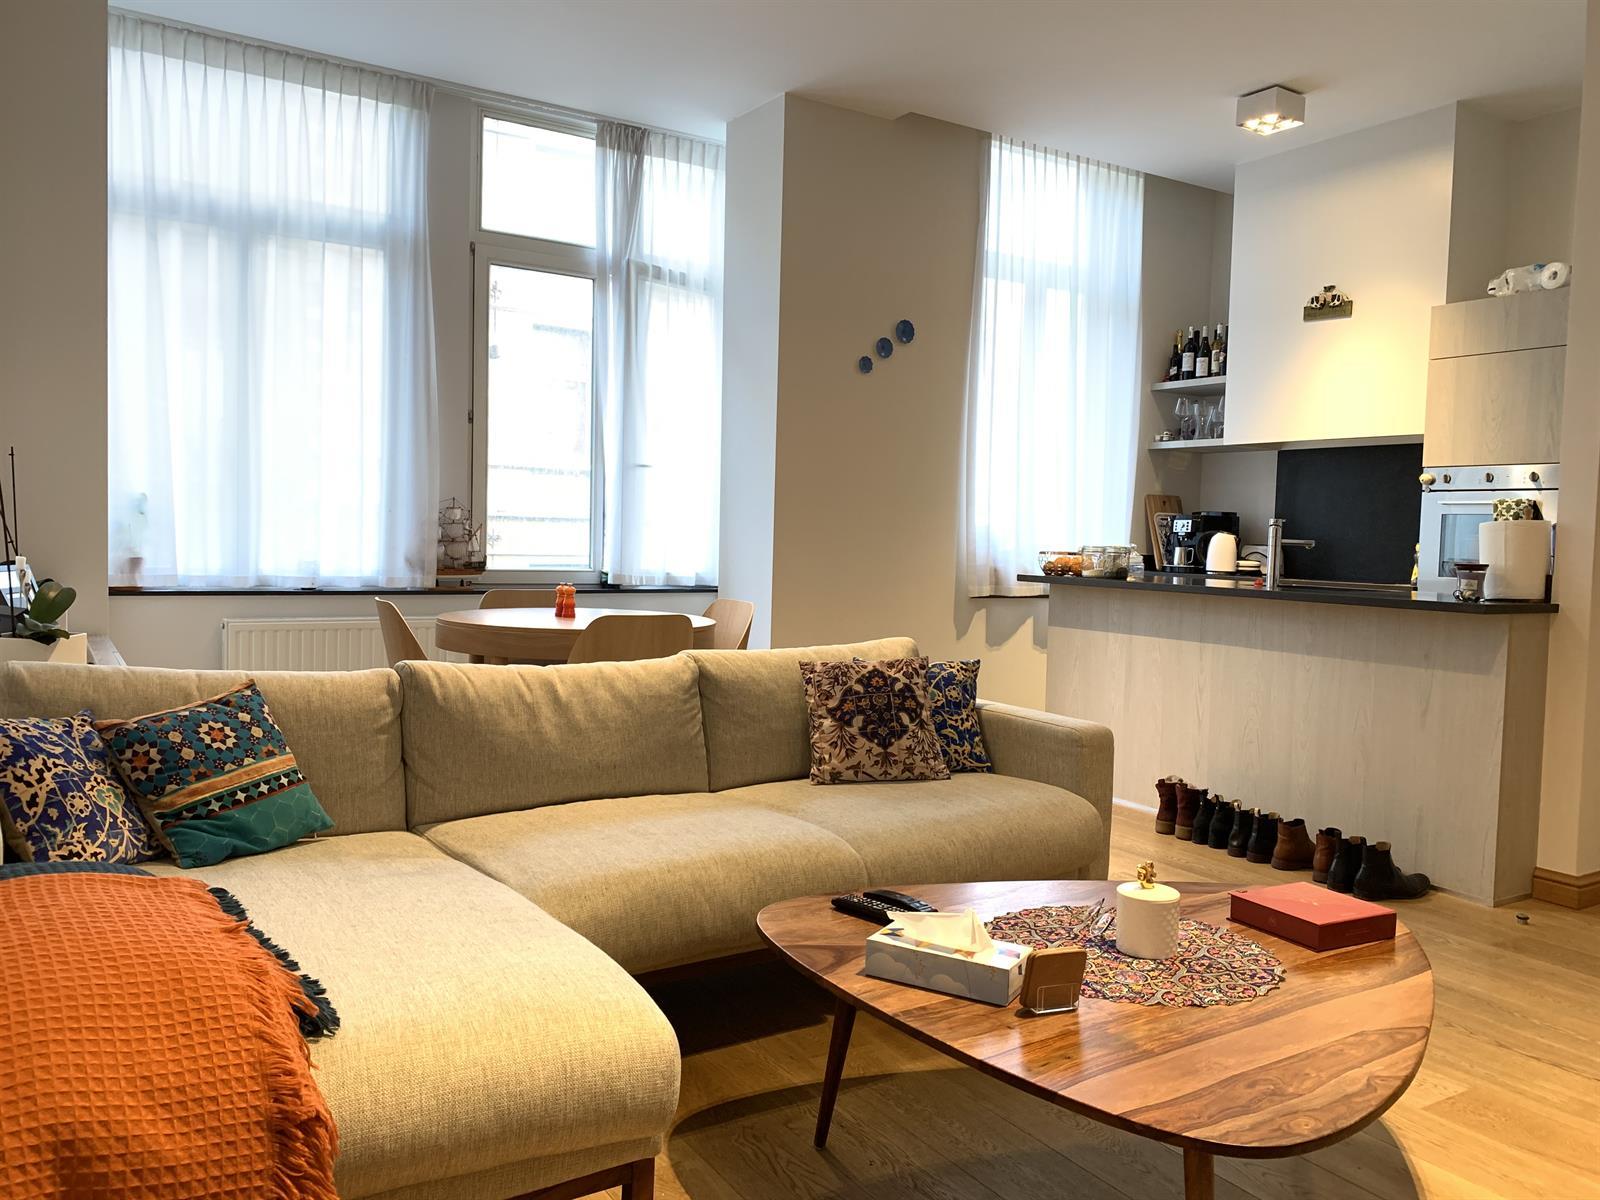 Appartement exceptionnel - Bruxelles - #3965237-39